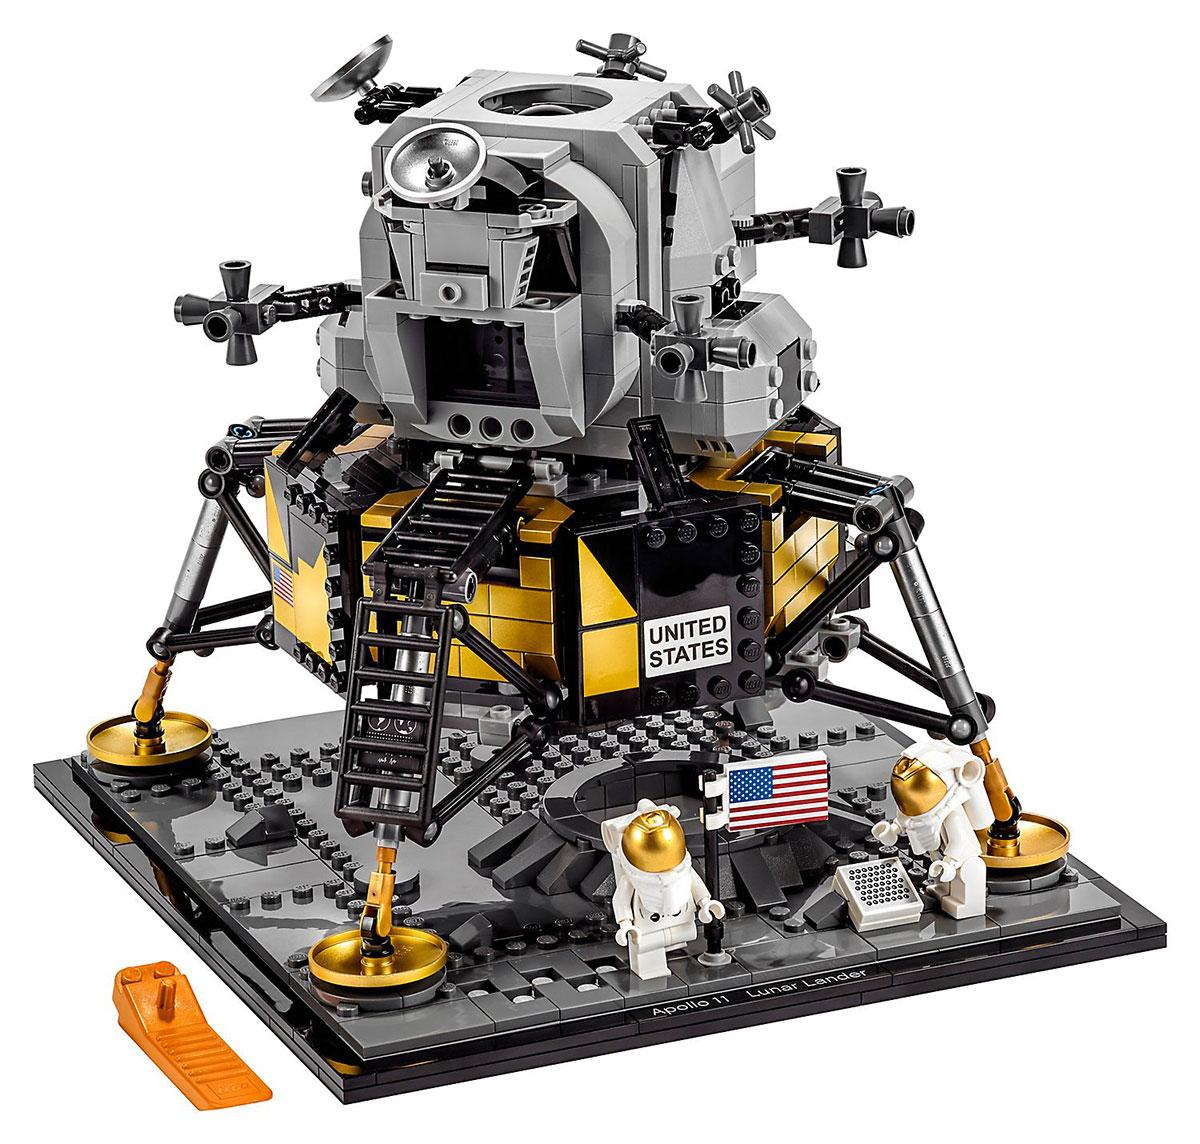 The Eagle has landed, versión Lego